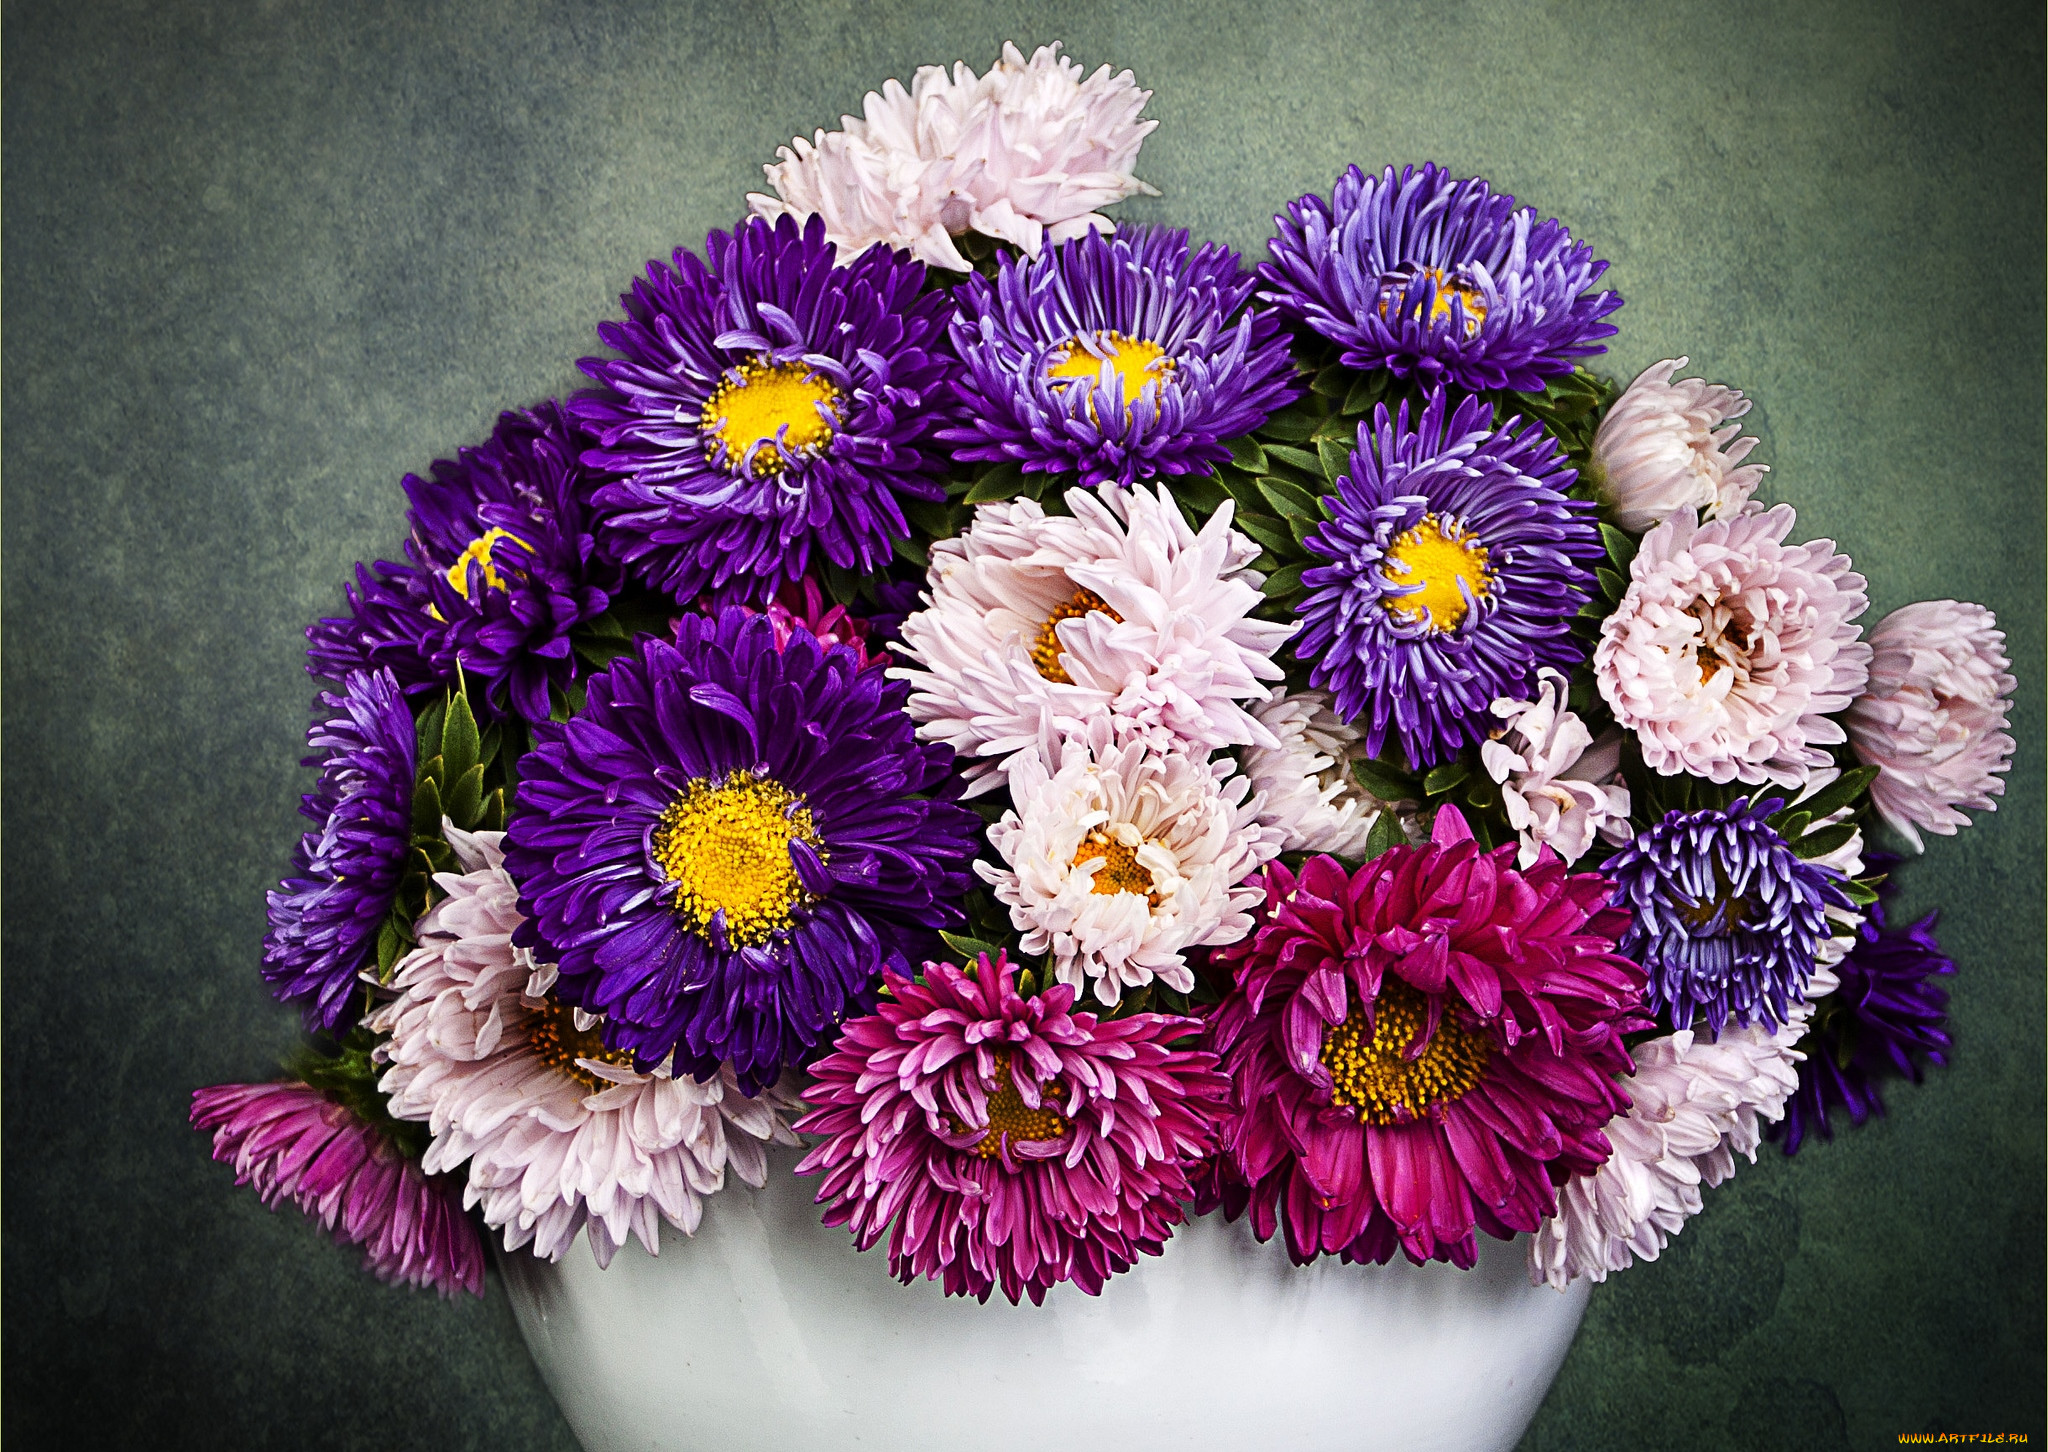 всех картинки цветов астры букеты покупаю камамбер фермеров